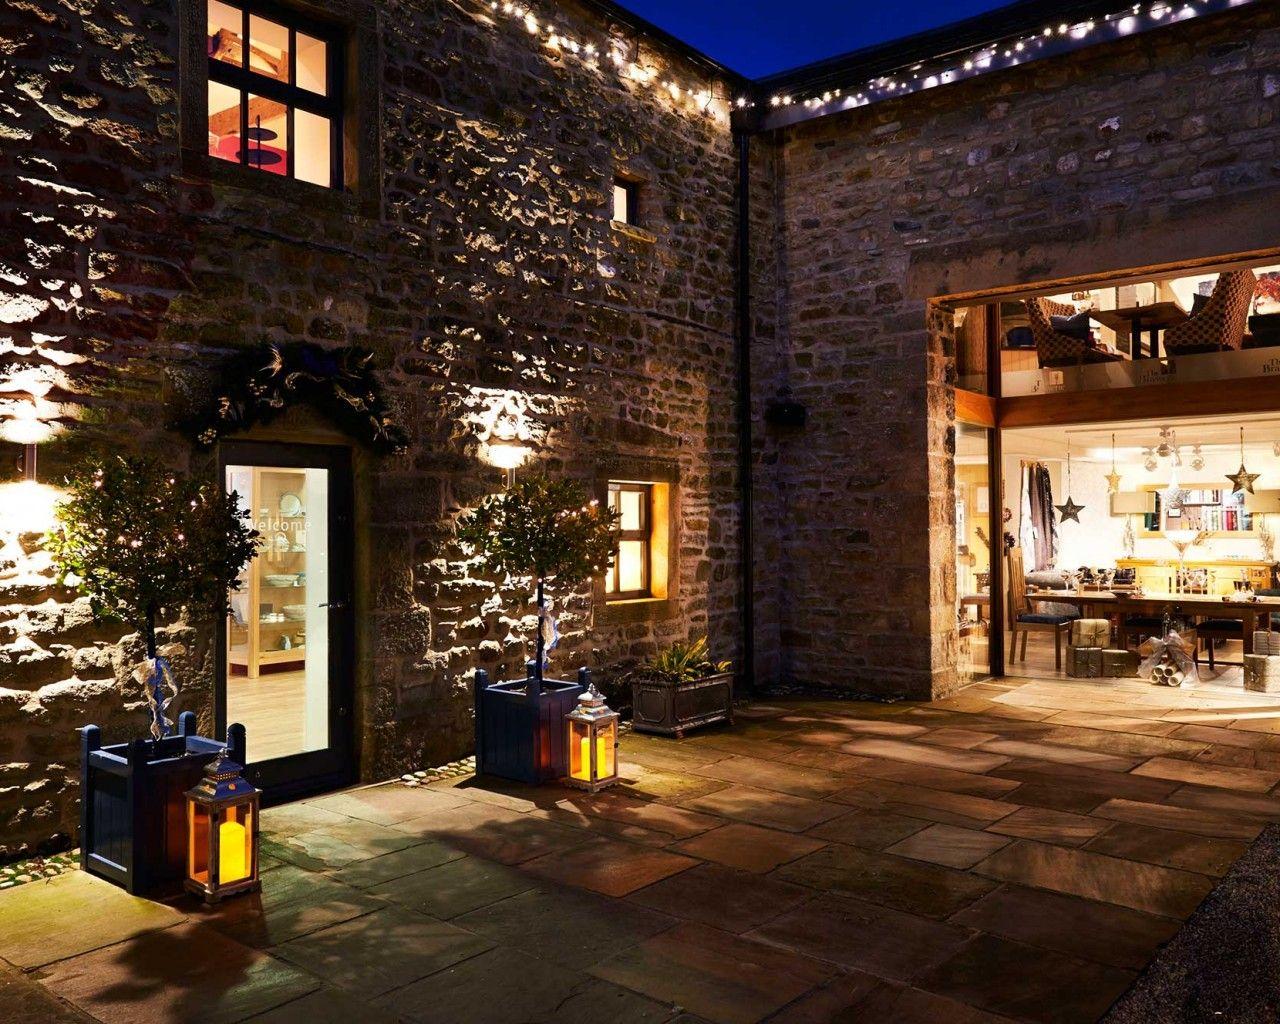 Yorkshire, Settle | The Talbot Inn sign Settle Yorkshire